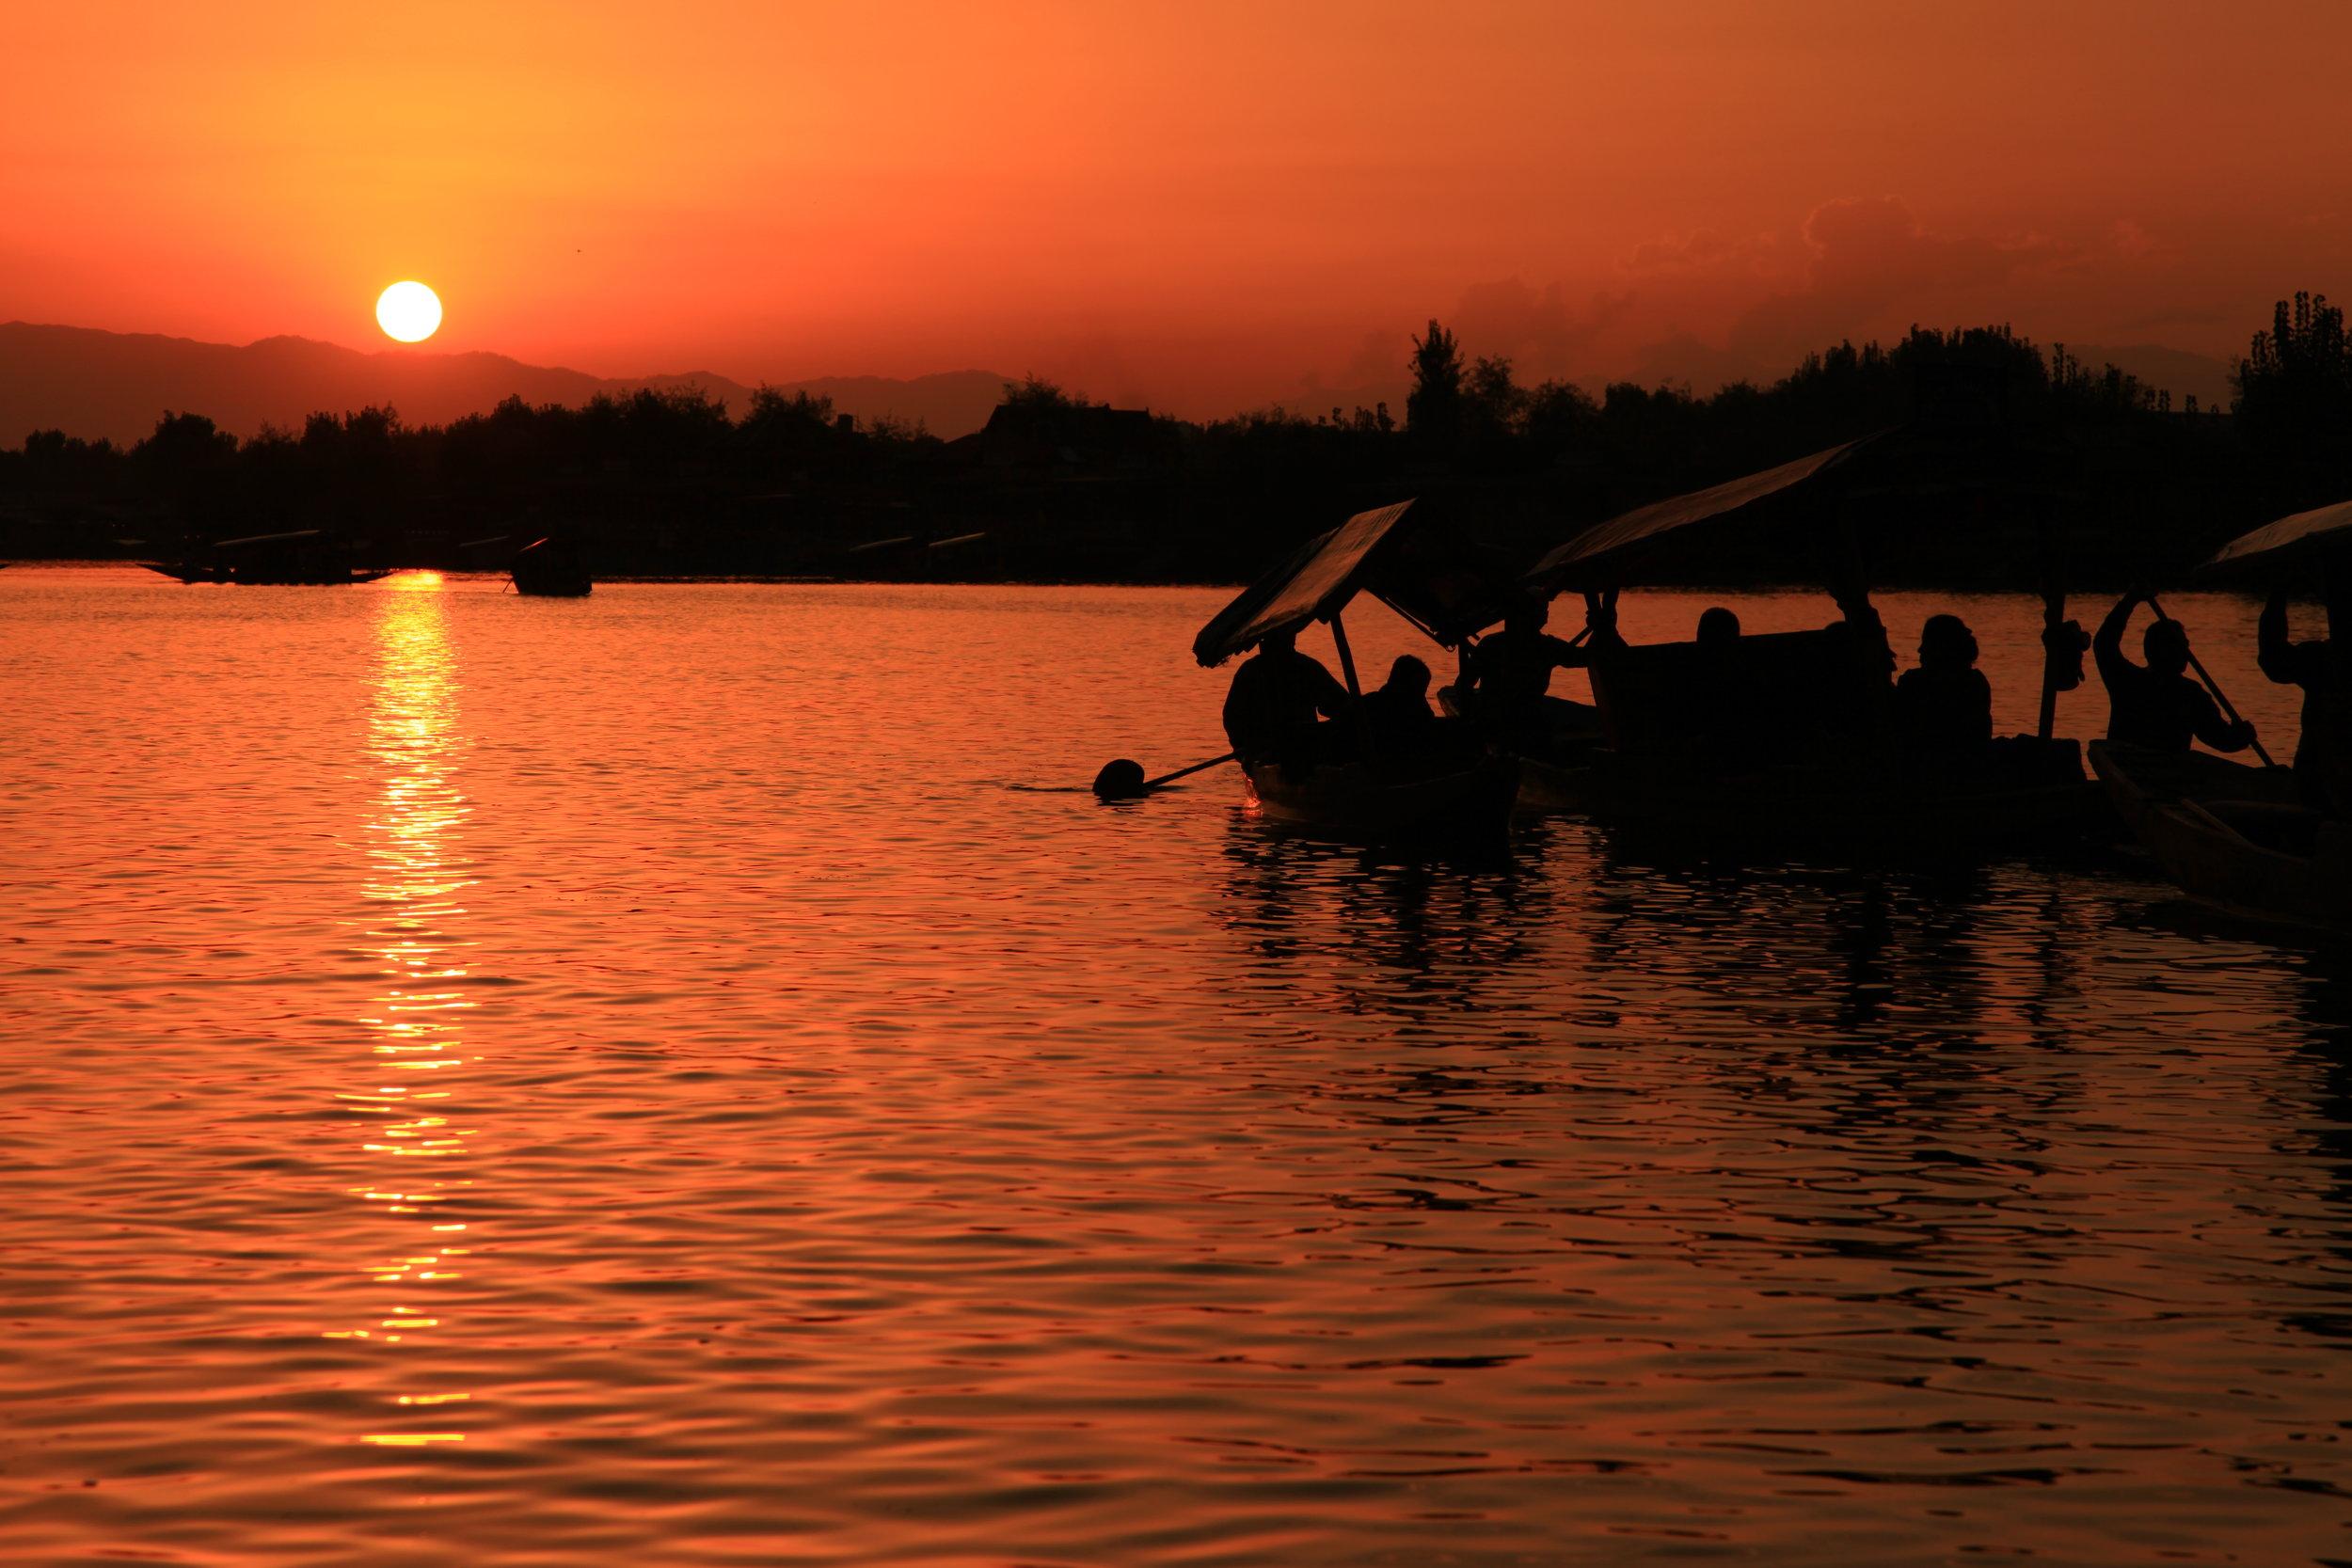 Dal_Lake_Sunset.JPG